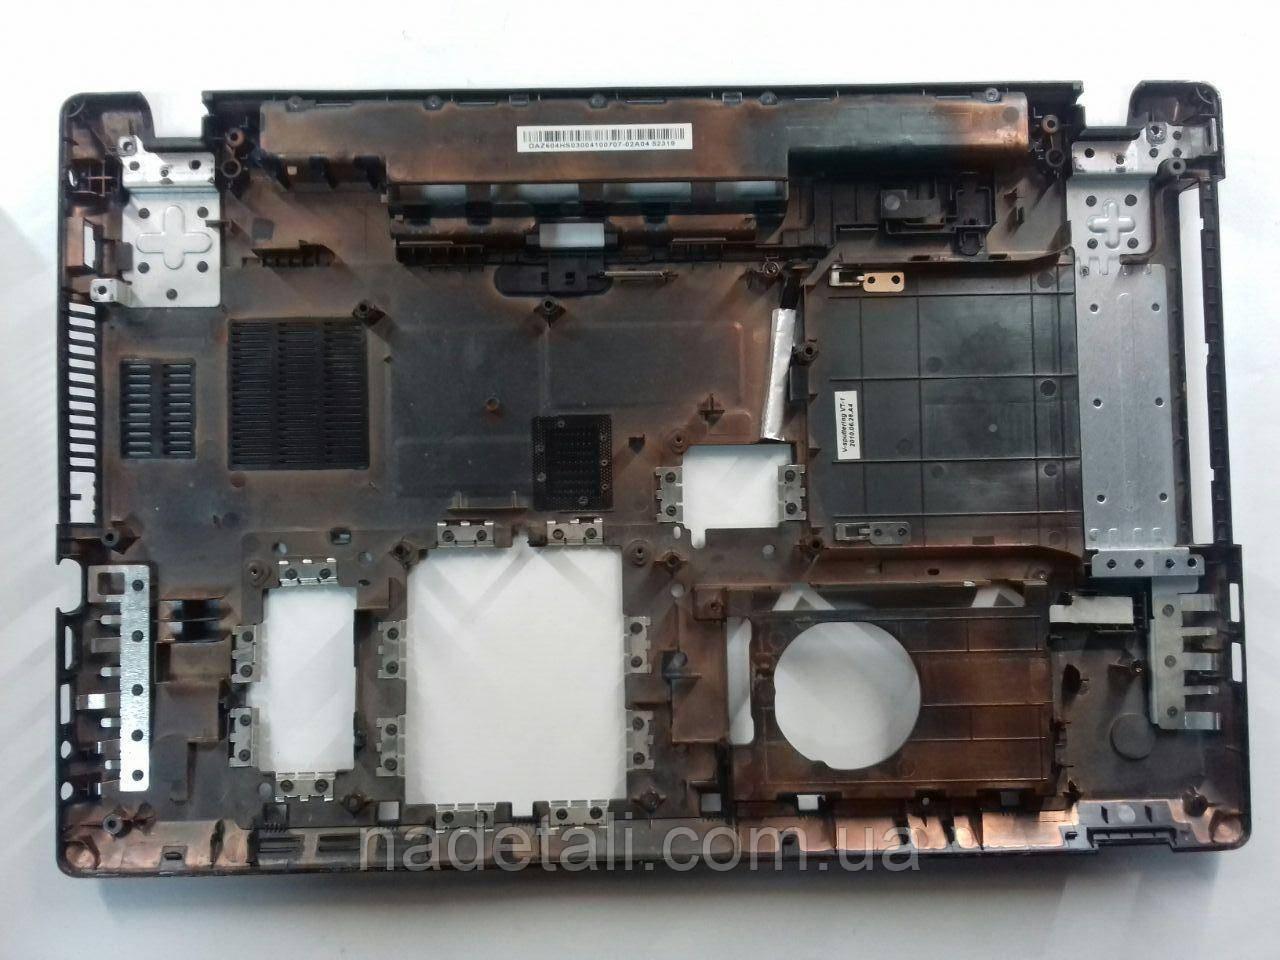 Нижняя часть  Packard Bell MS2291 DAZ604HS03004